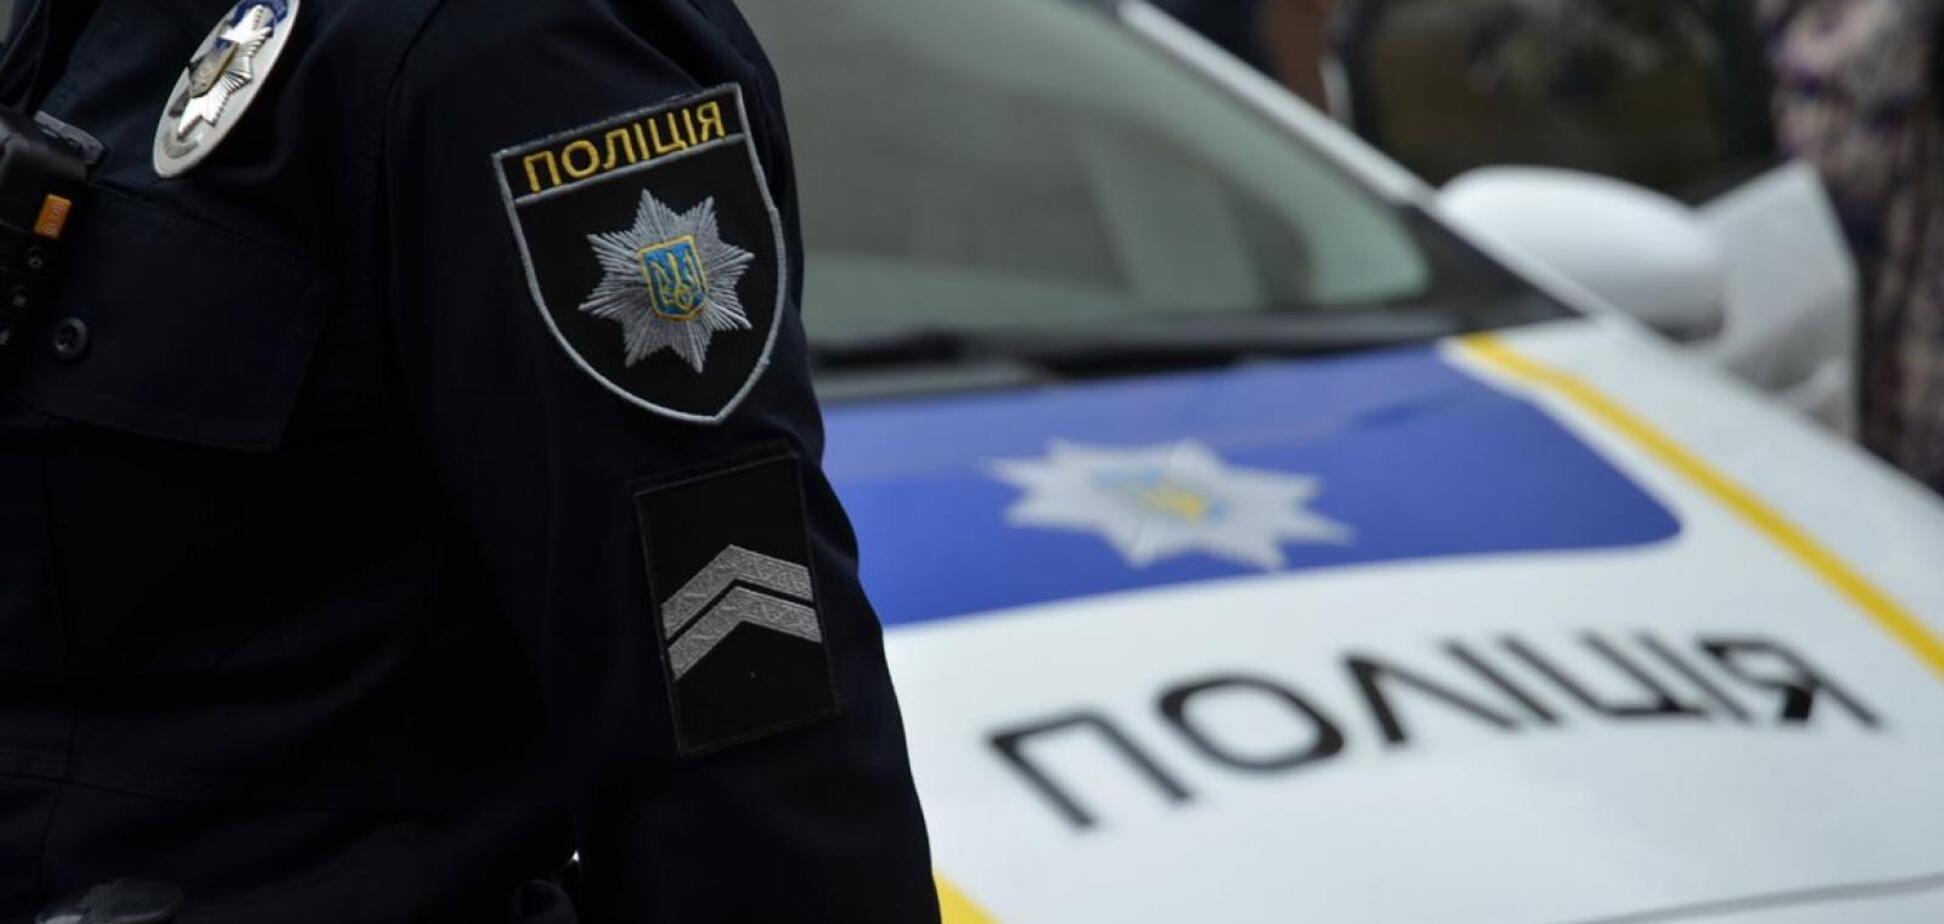 Полиция задержала мужчину, который в новогоднюю ночь убил свою мачеху